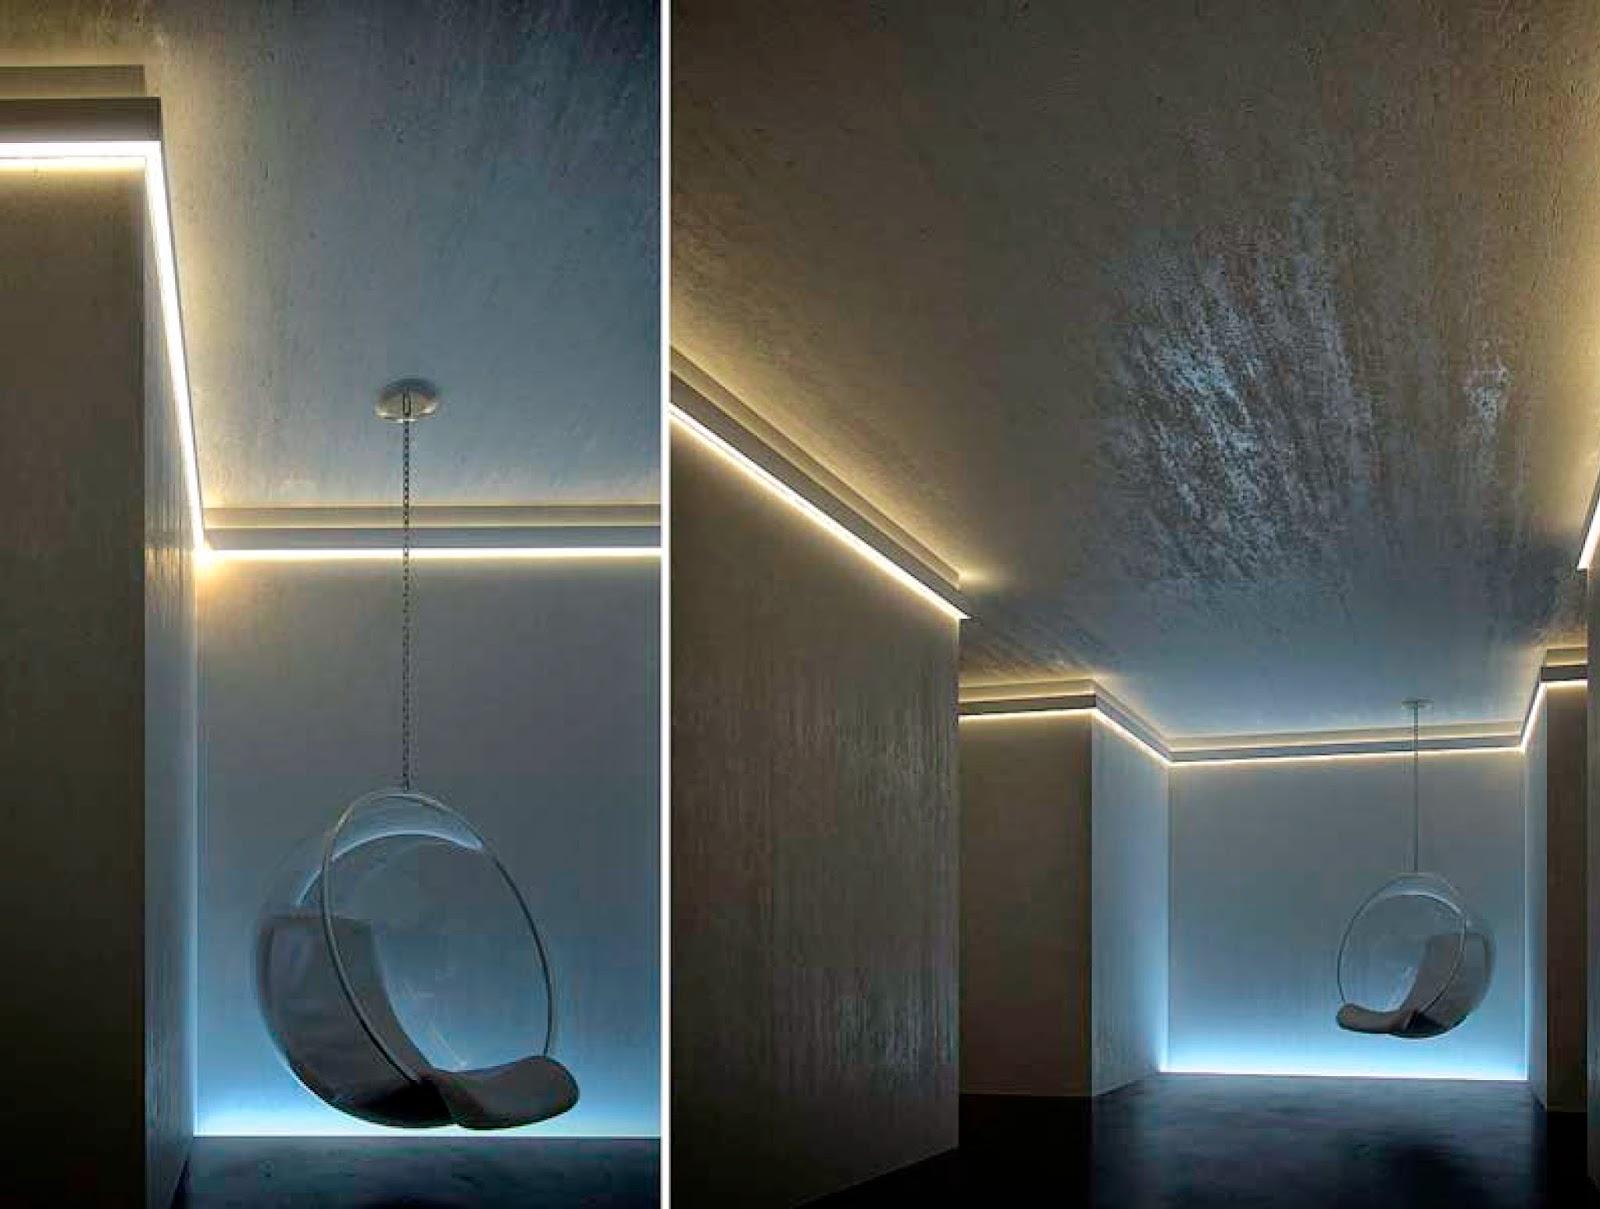 para leds es una canaleta de aluminio anonizado cuyo interior esta diseado para alojar una tira de led flexible with iluminacion led para cuadros